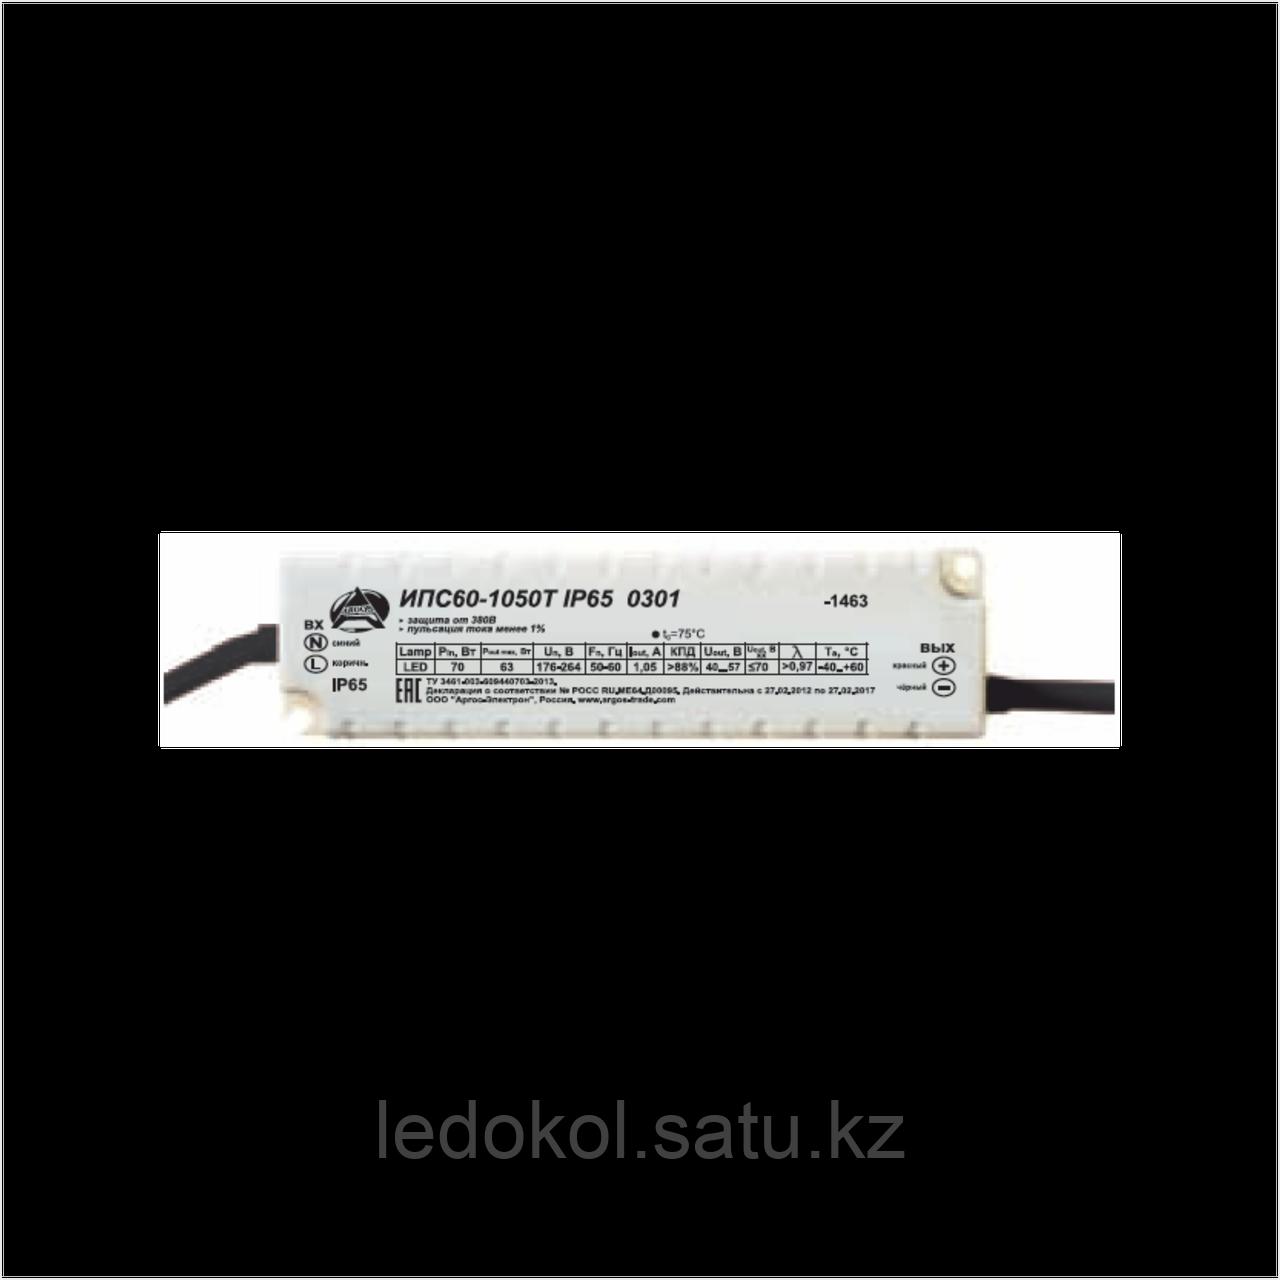 Источник питания Аргос ИПС60-700Т IP67 0301